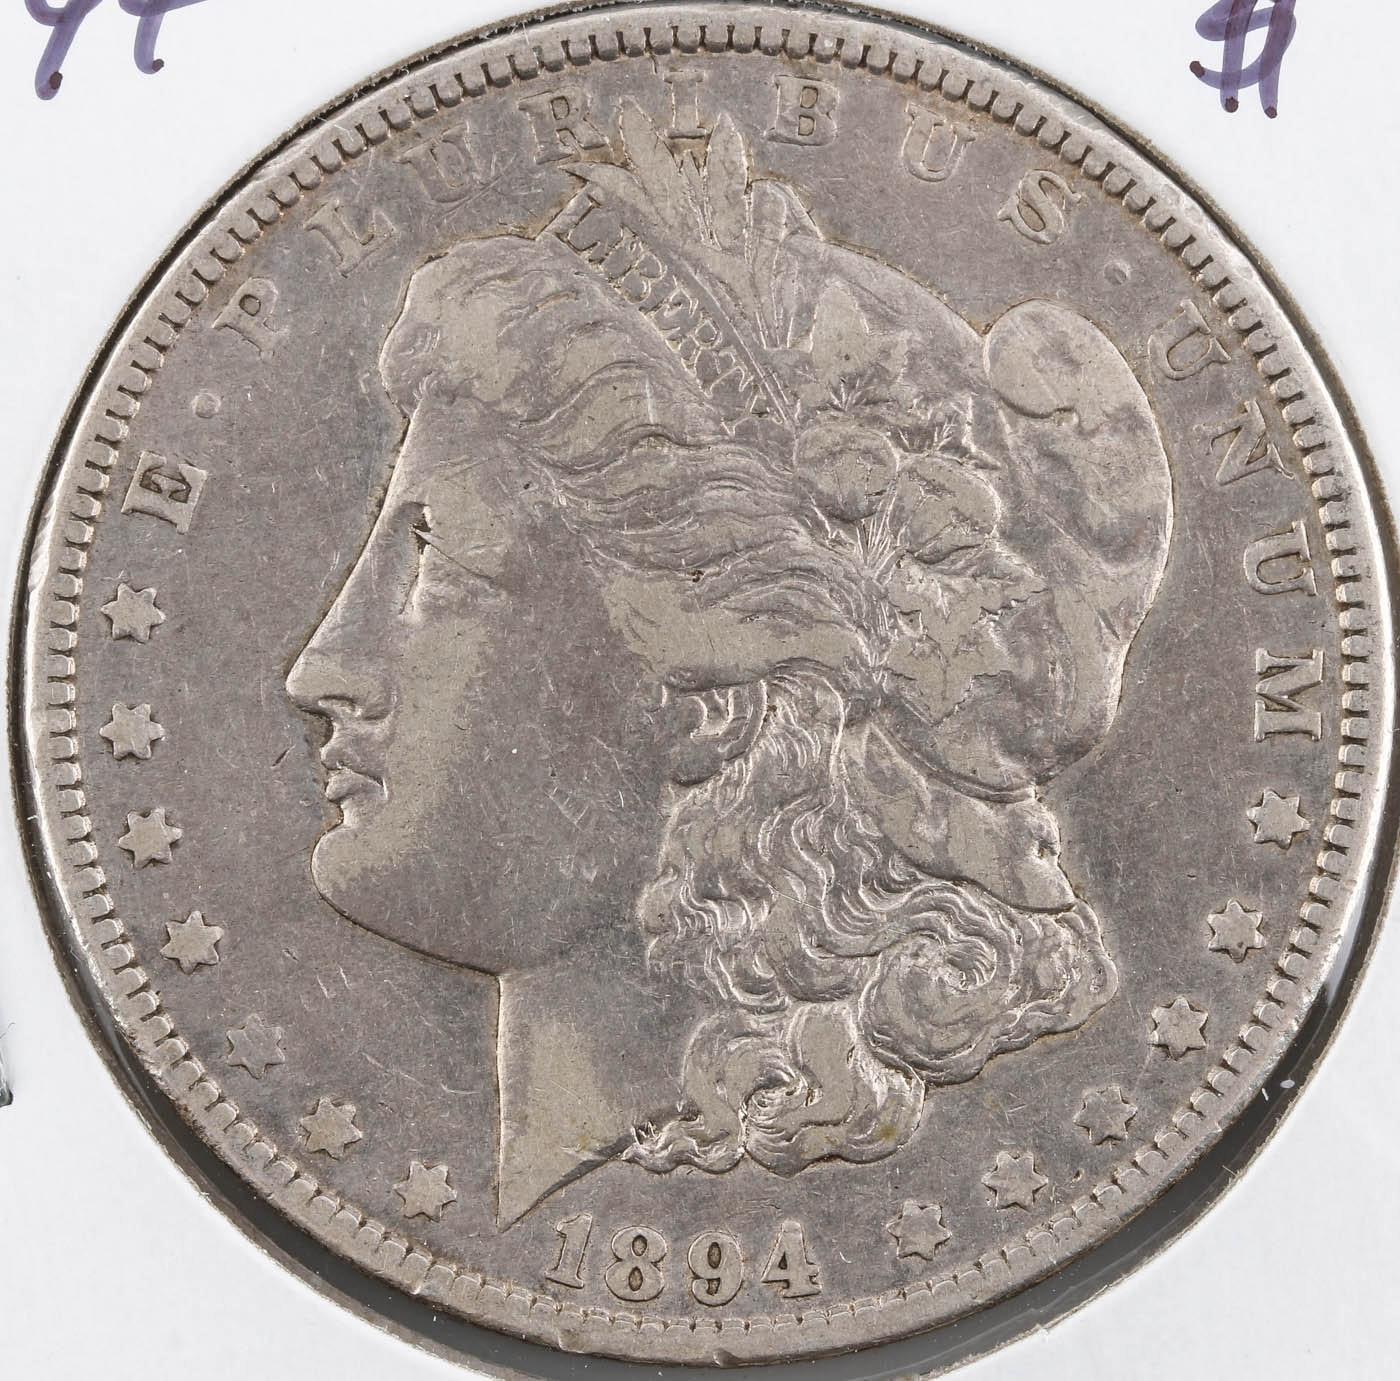 1894-O Silver Morgan Dollar